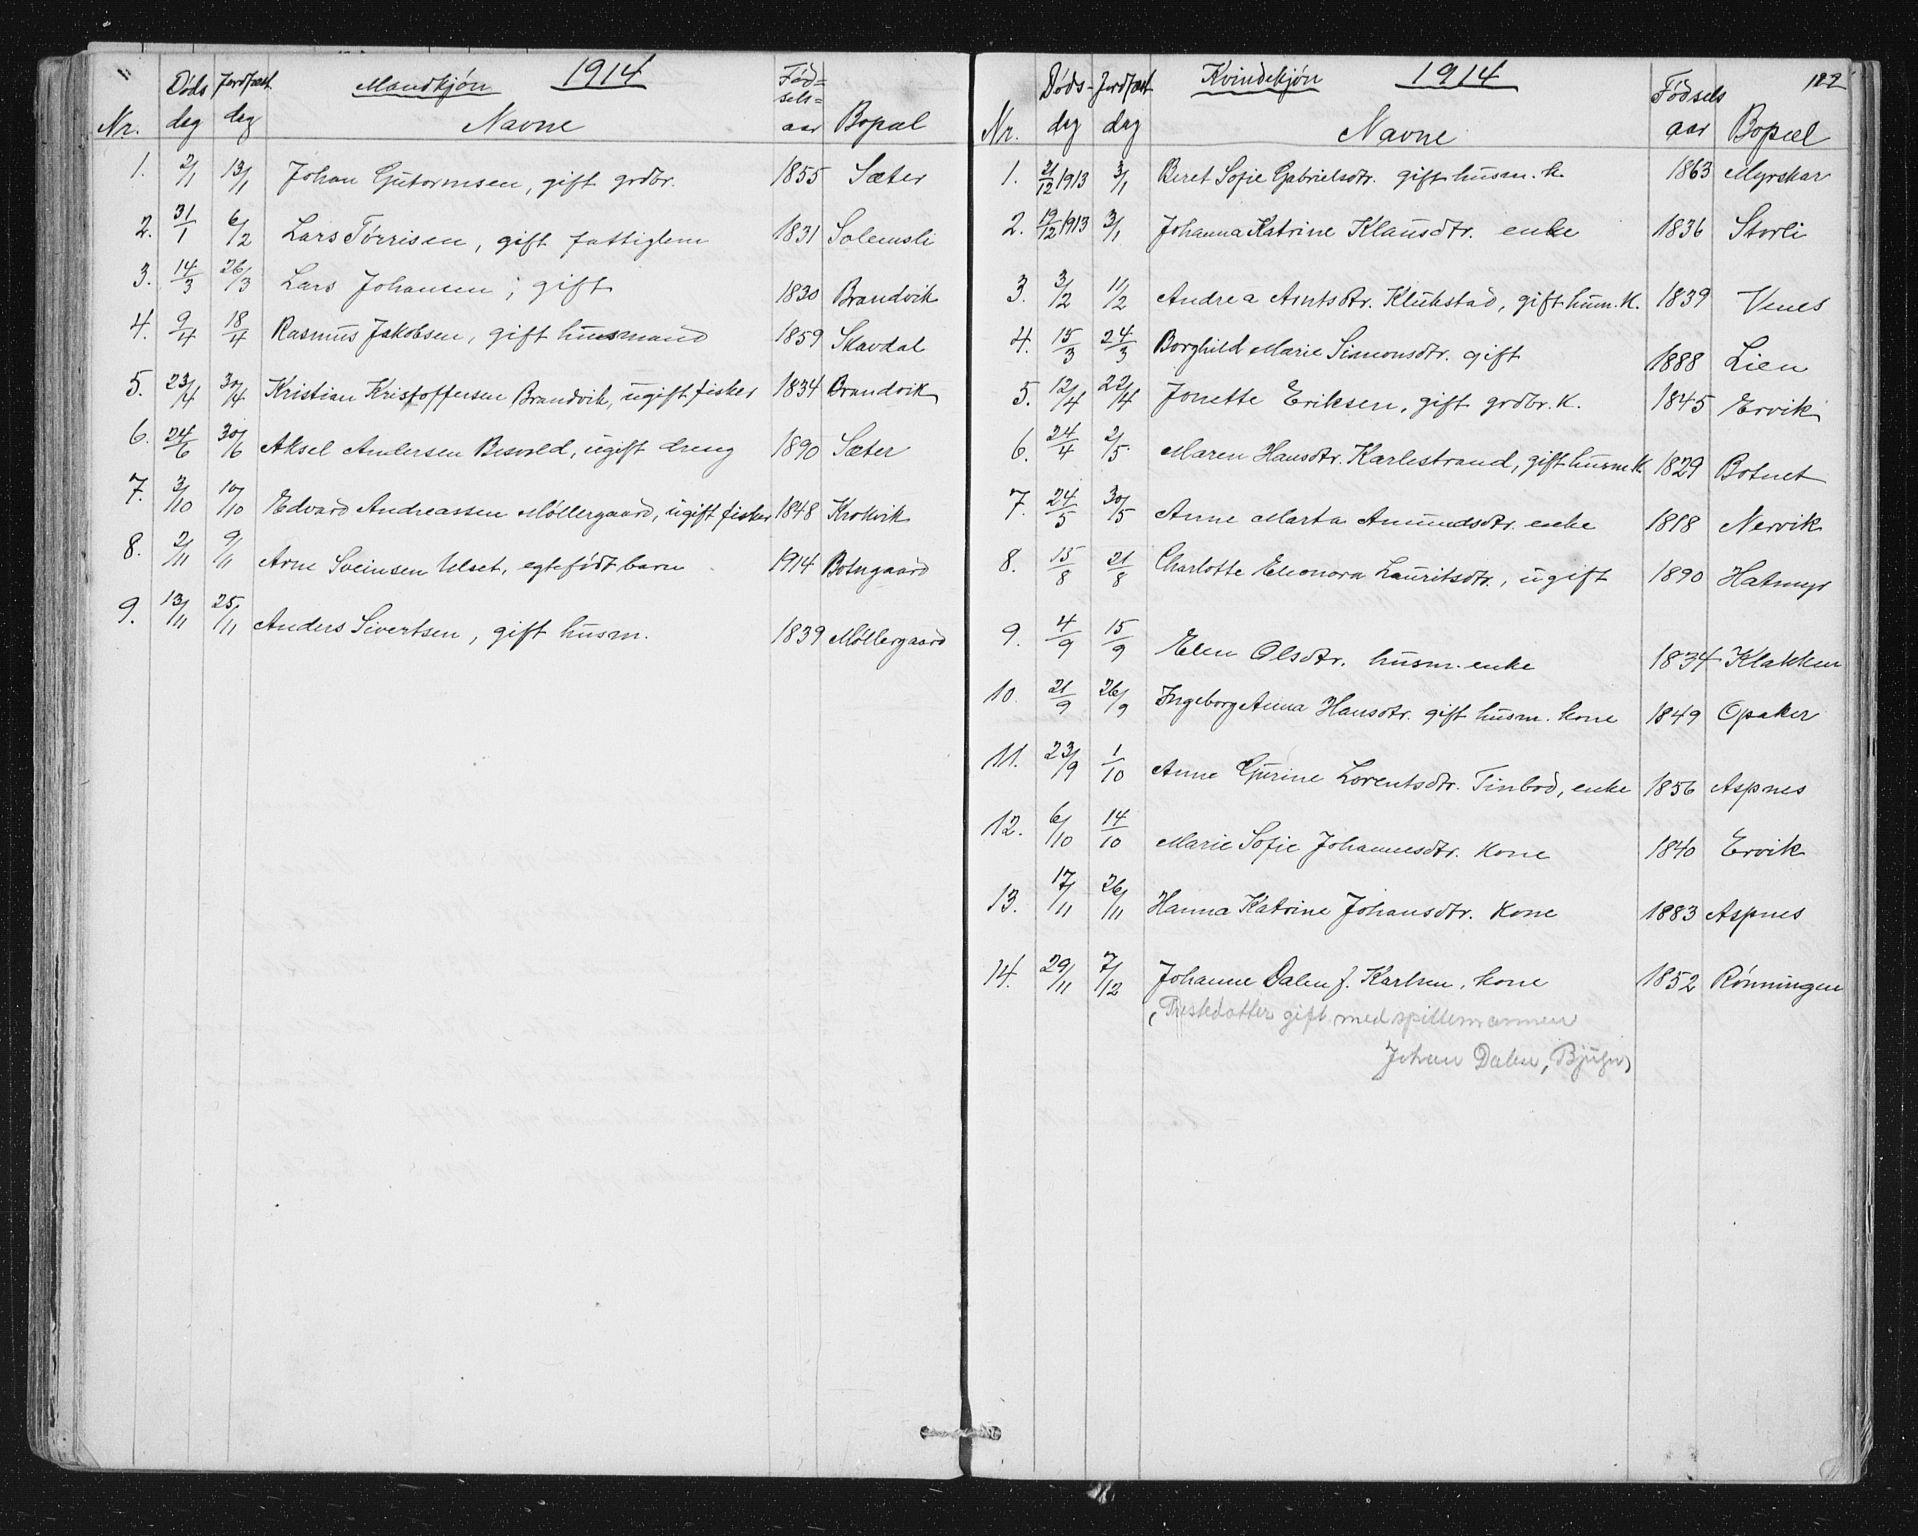 SAT, Ministerialprotokoller, klokkerbøker og fødselsregistre - Sør-Trøndelag, 651/L0647: Klokkerbok nr. 651C01, 1866-1914, s. 122